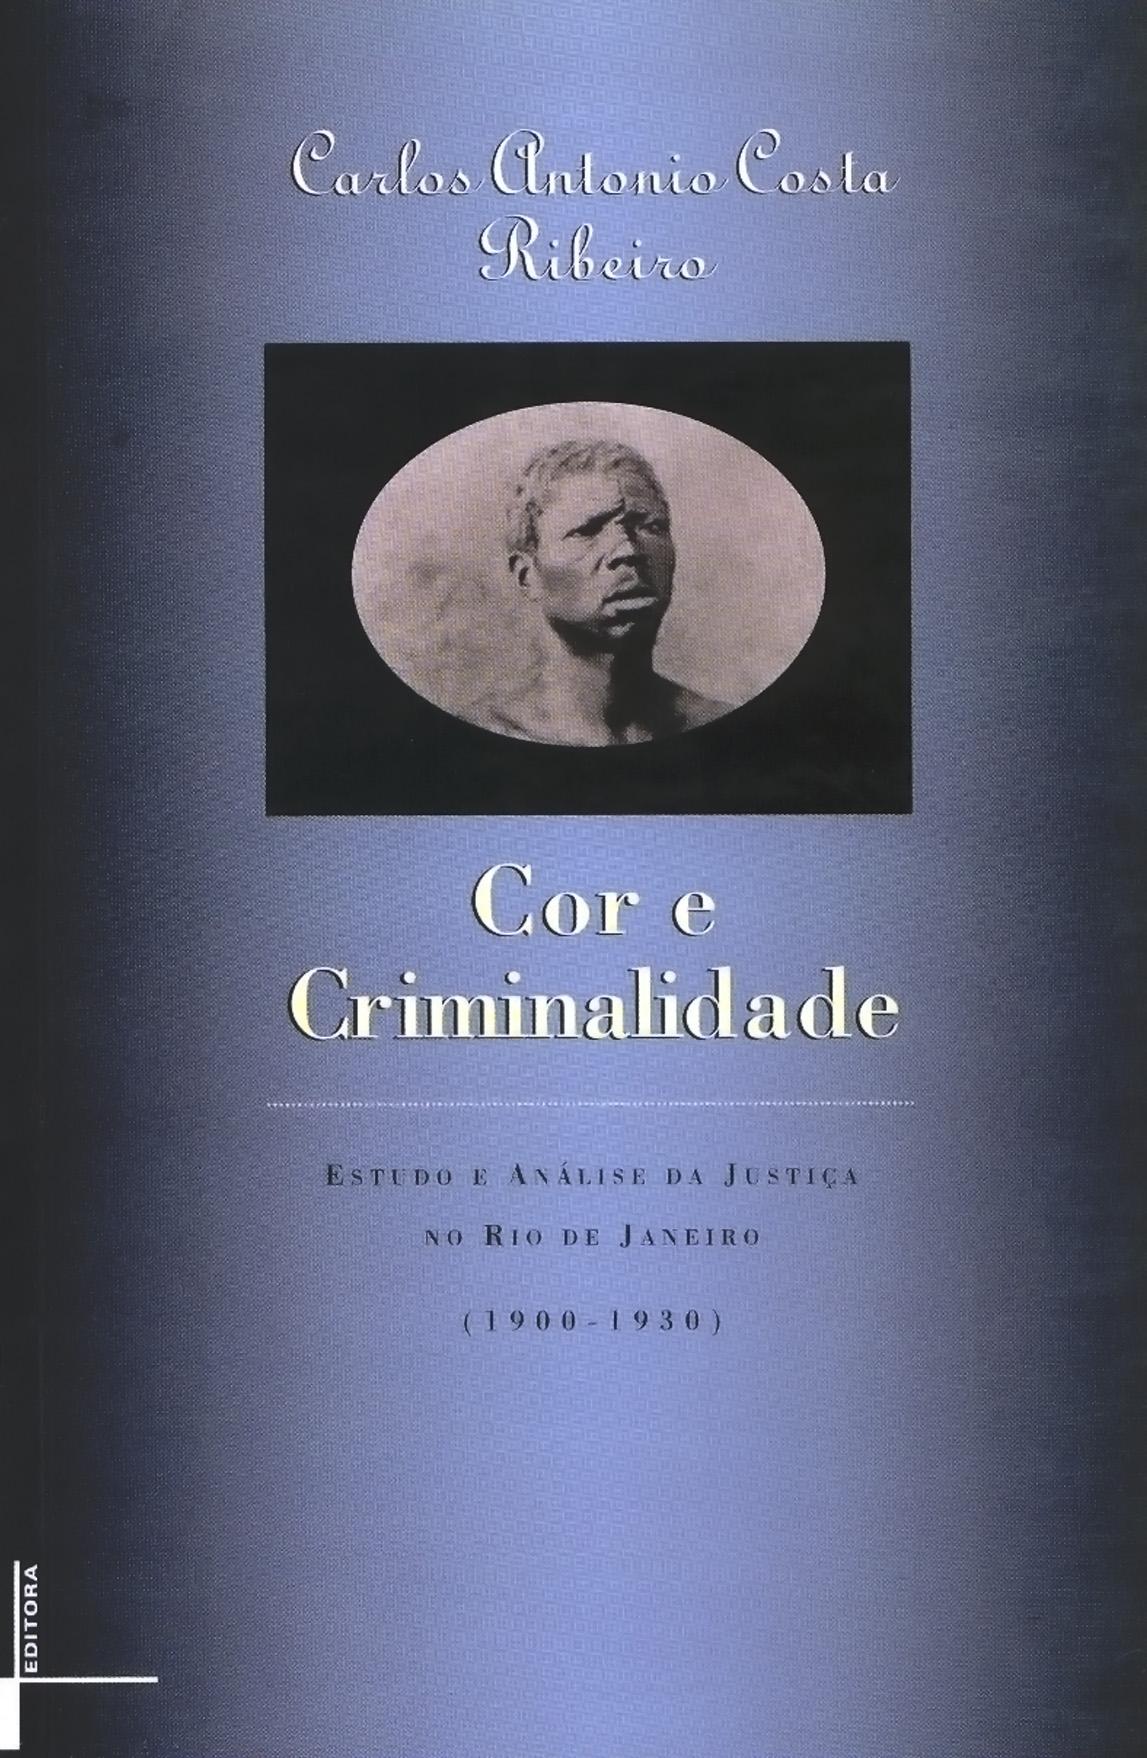 Cor e Criminalidade